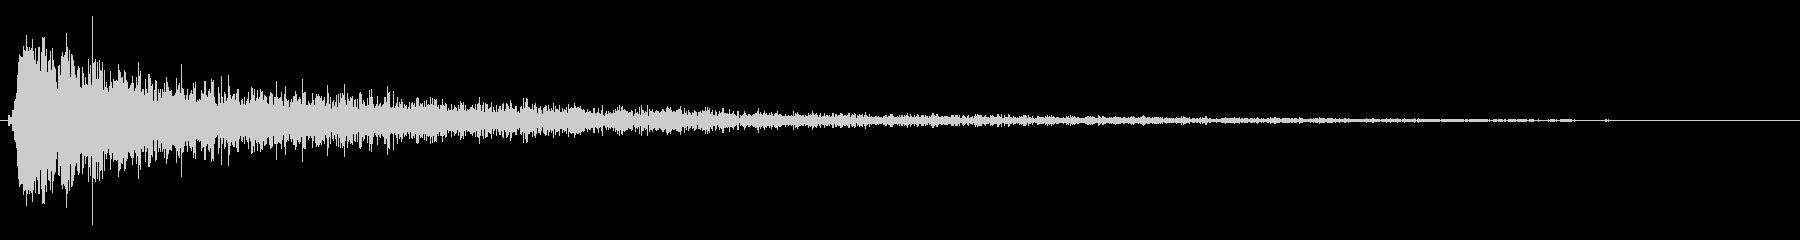 ホラー ピアノトゥワンマルチプルフ...の未再生の波形